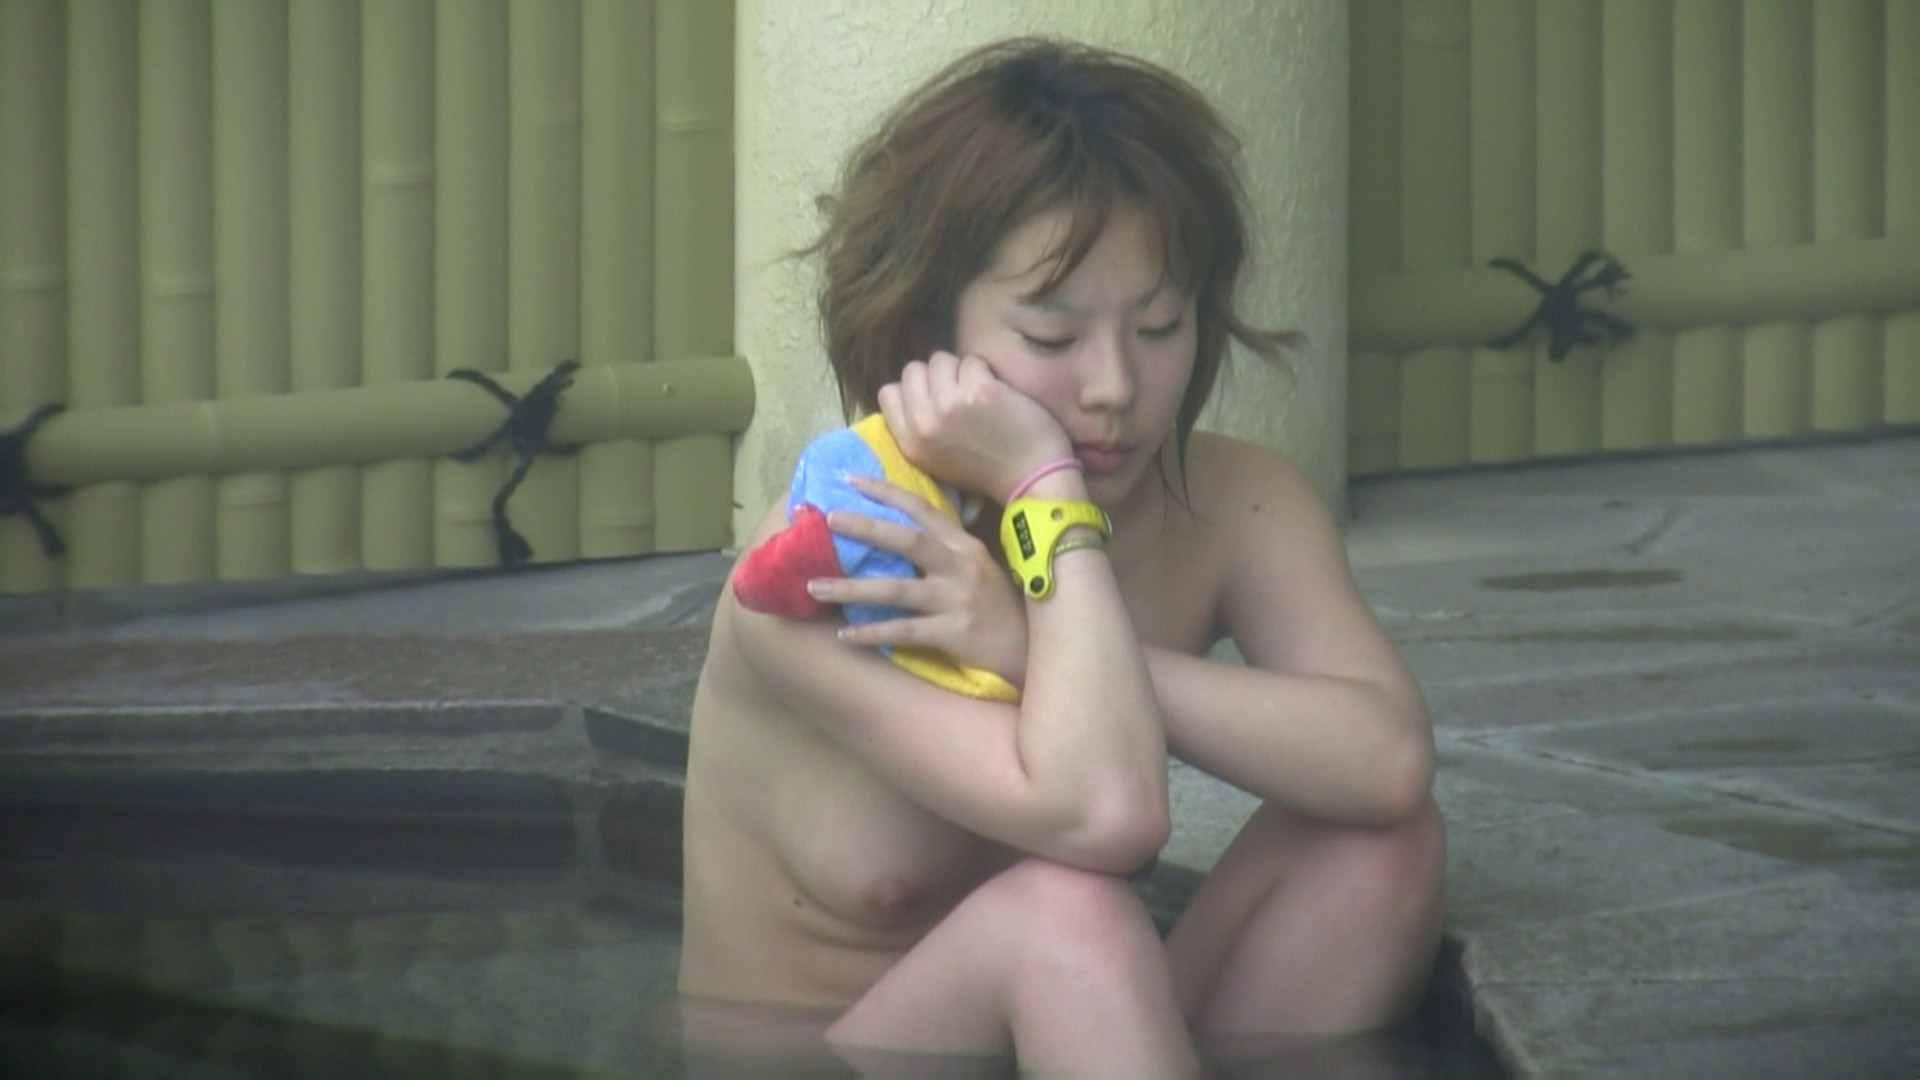 Aquaな露天風呂Vol.38【VIP】 露天風呂   盗撮動画  10枚 9